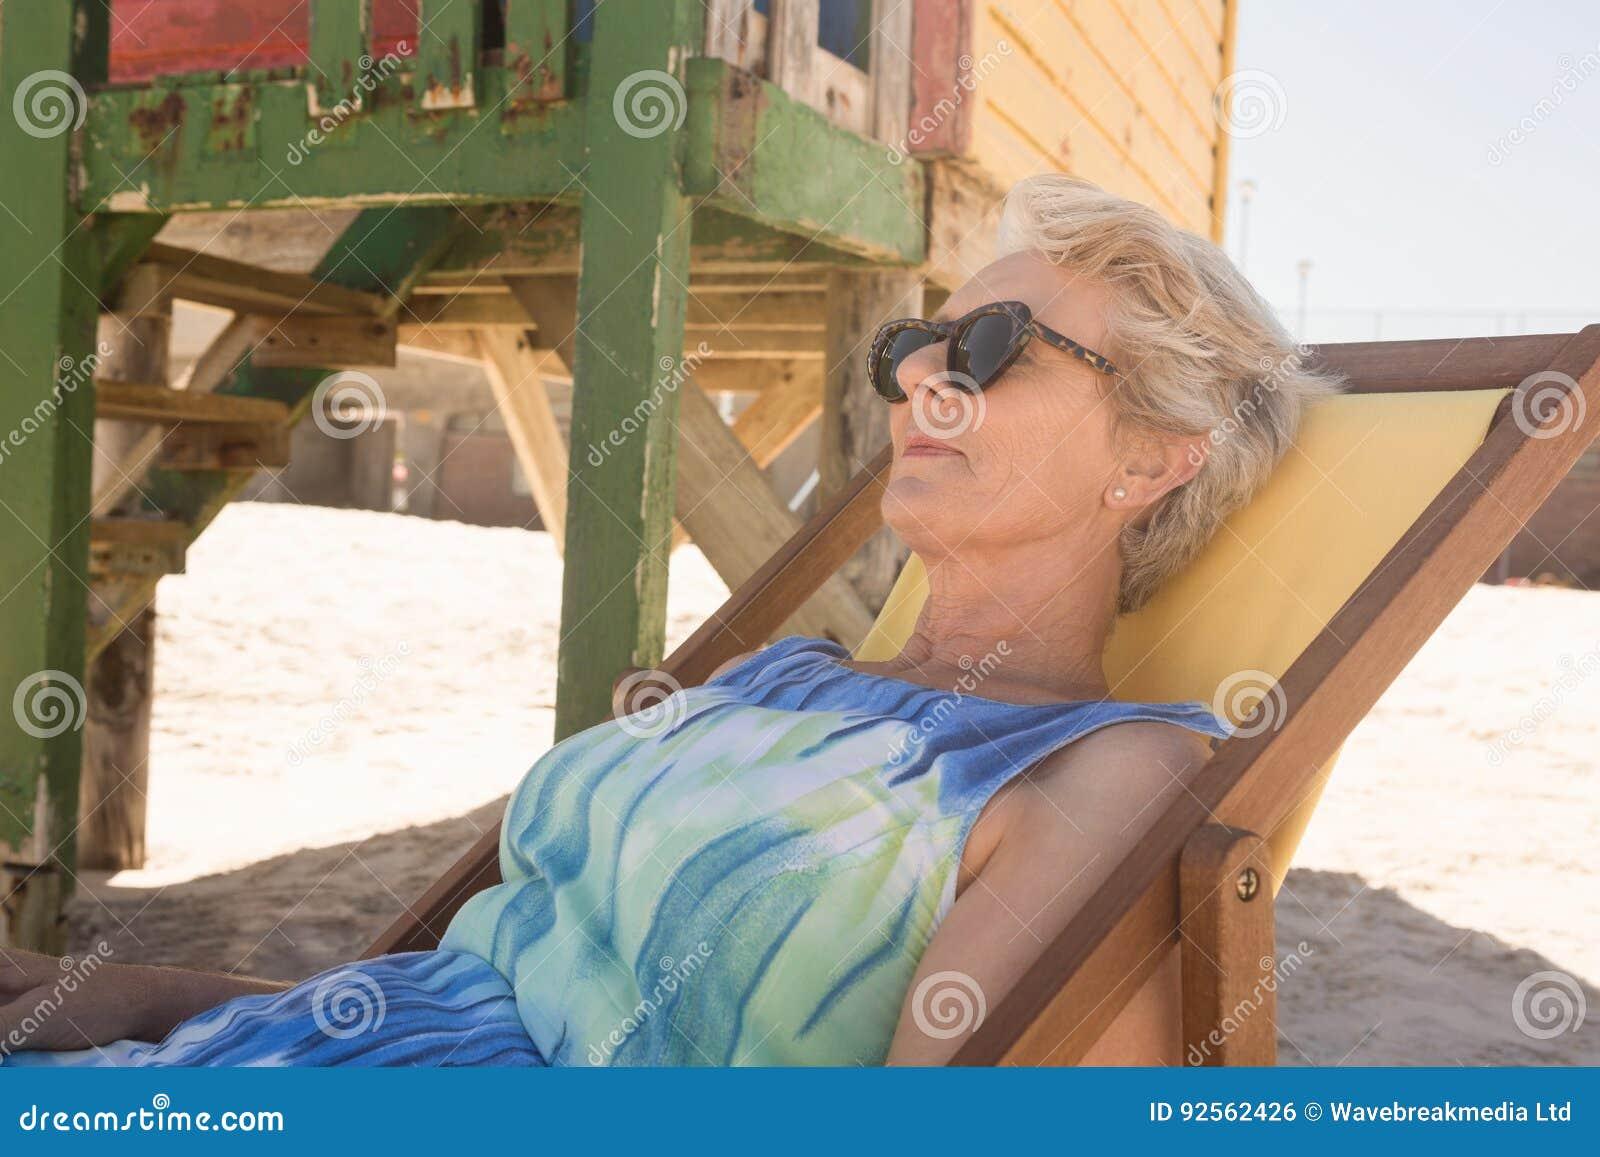 Con De Mayor Para Sol Ciérrese Arriba Gafas Mujer Que Las Yf7y6bgv